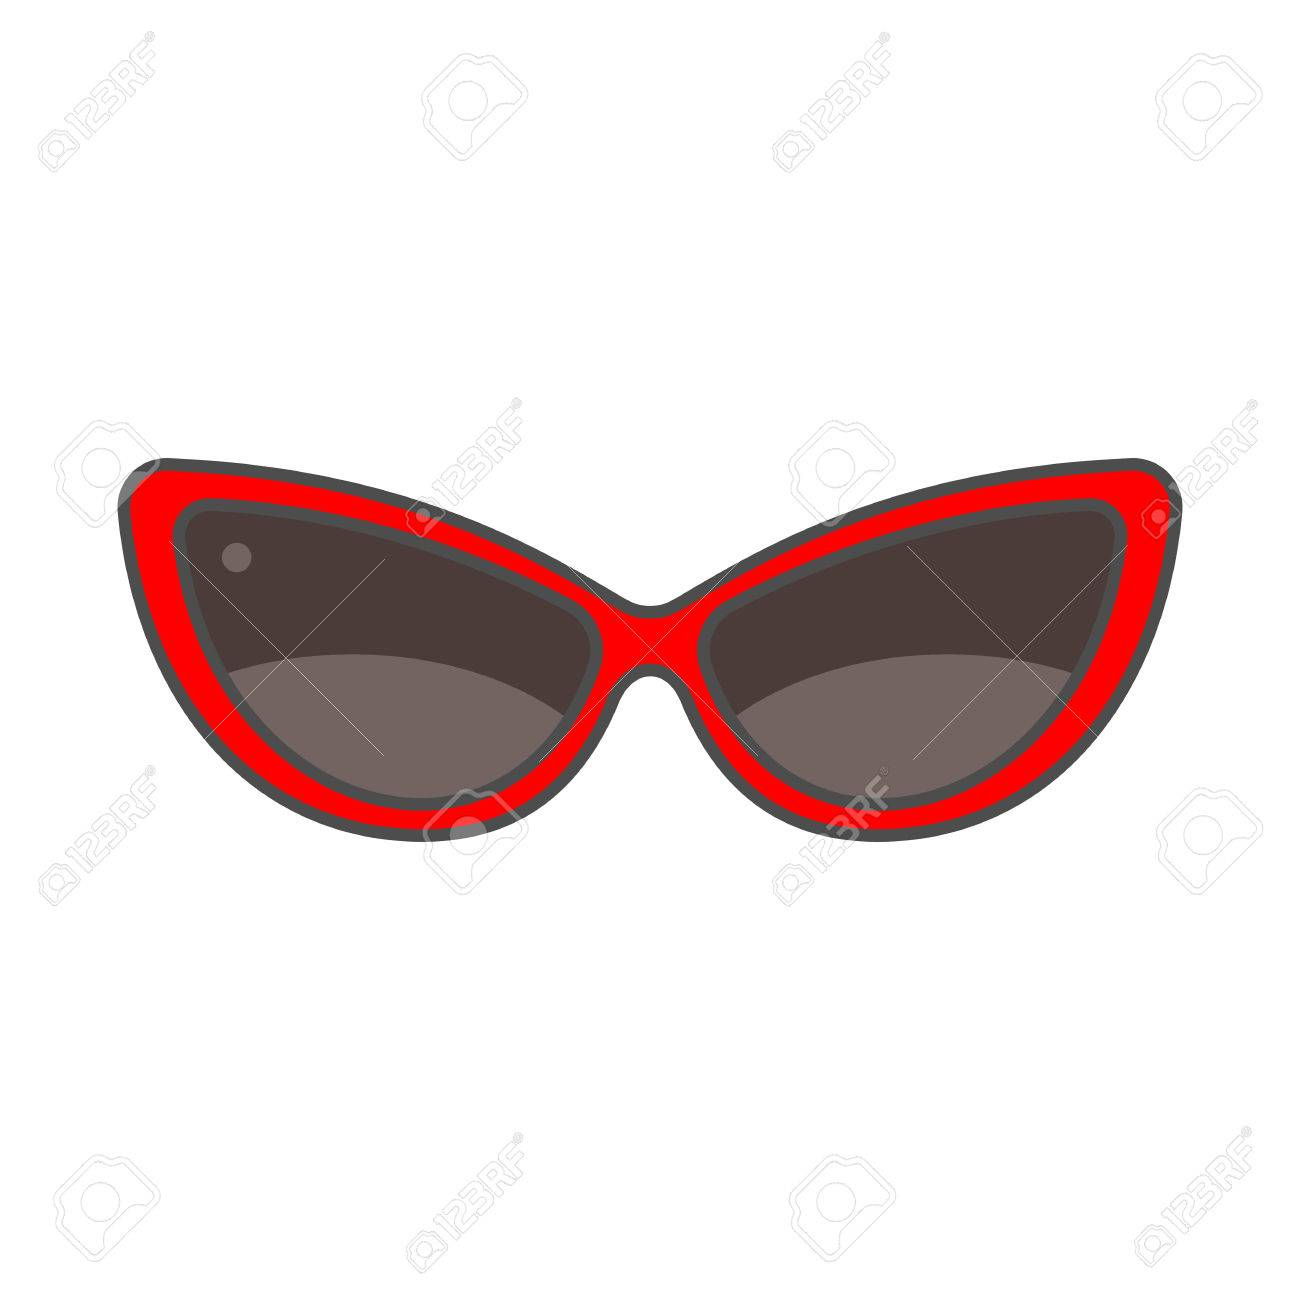 3e77bc6ccecab1 Banque d images - Womans lunettes de soleil icône vecteur. Ligne de couleur  icône de lunettes de soleil pour les femmes